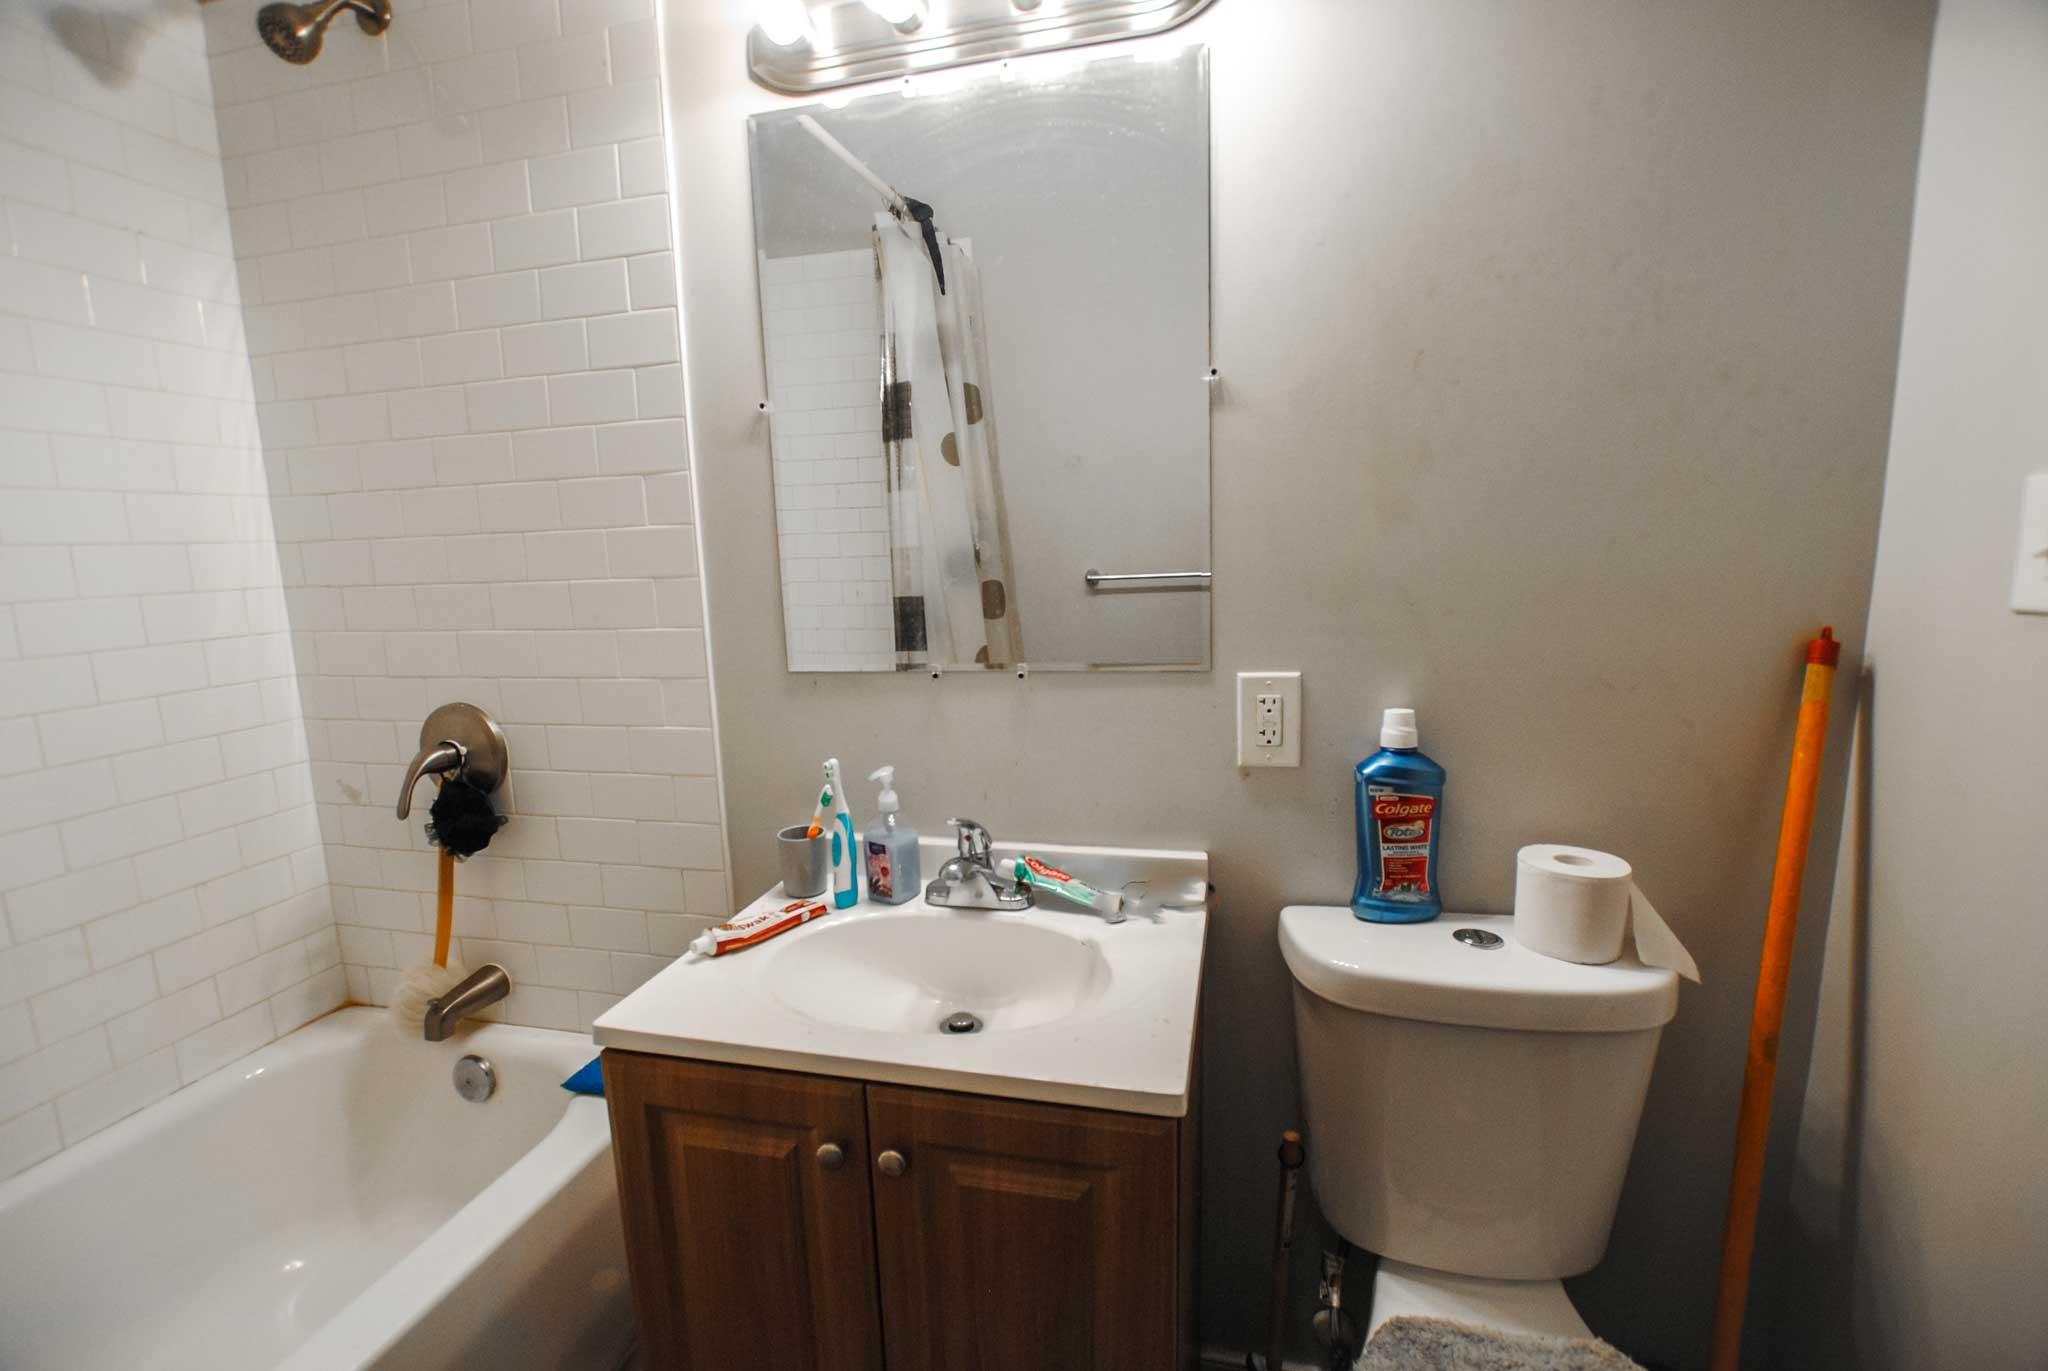 63 Bathroom